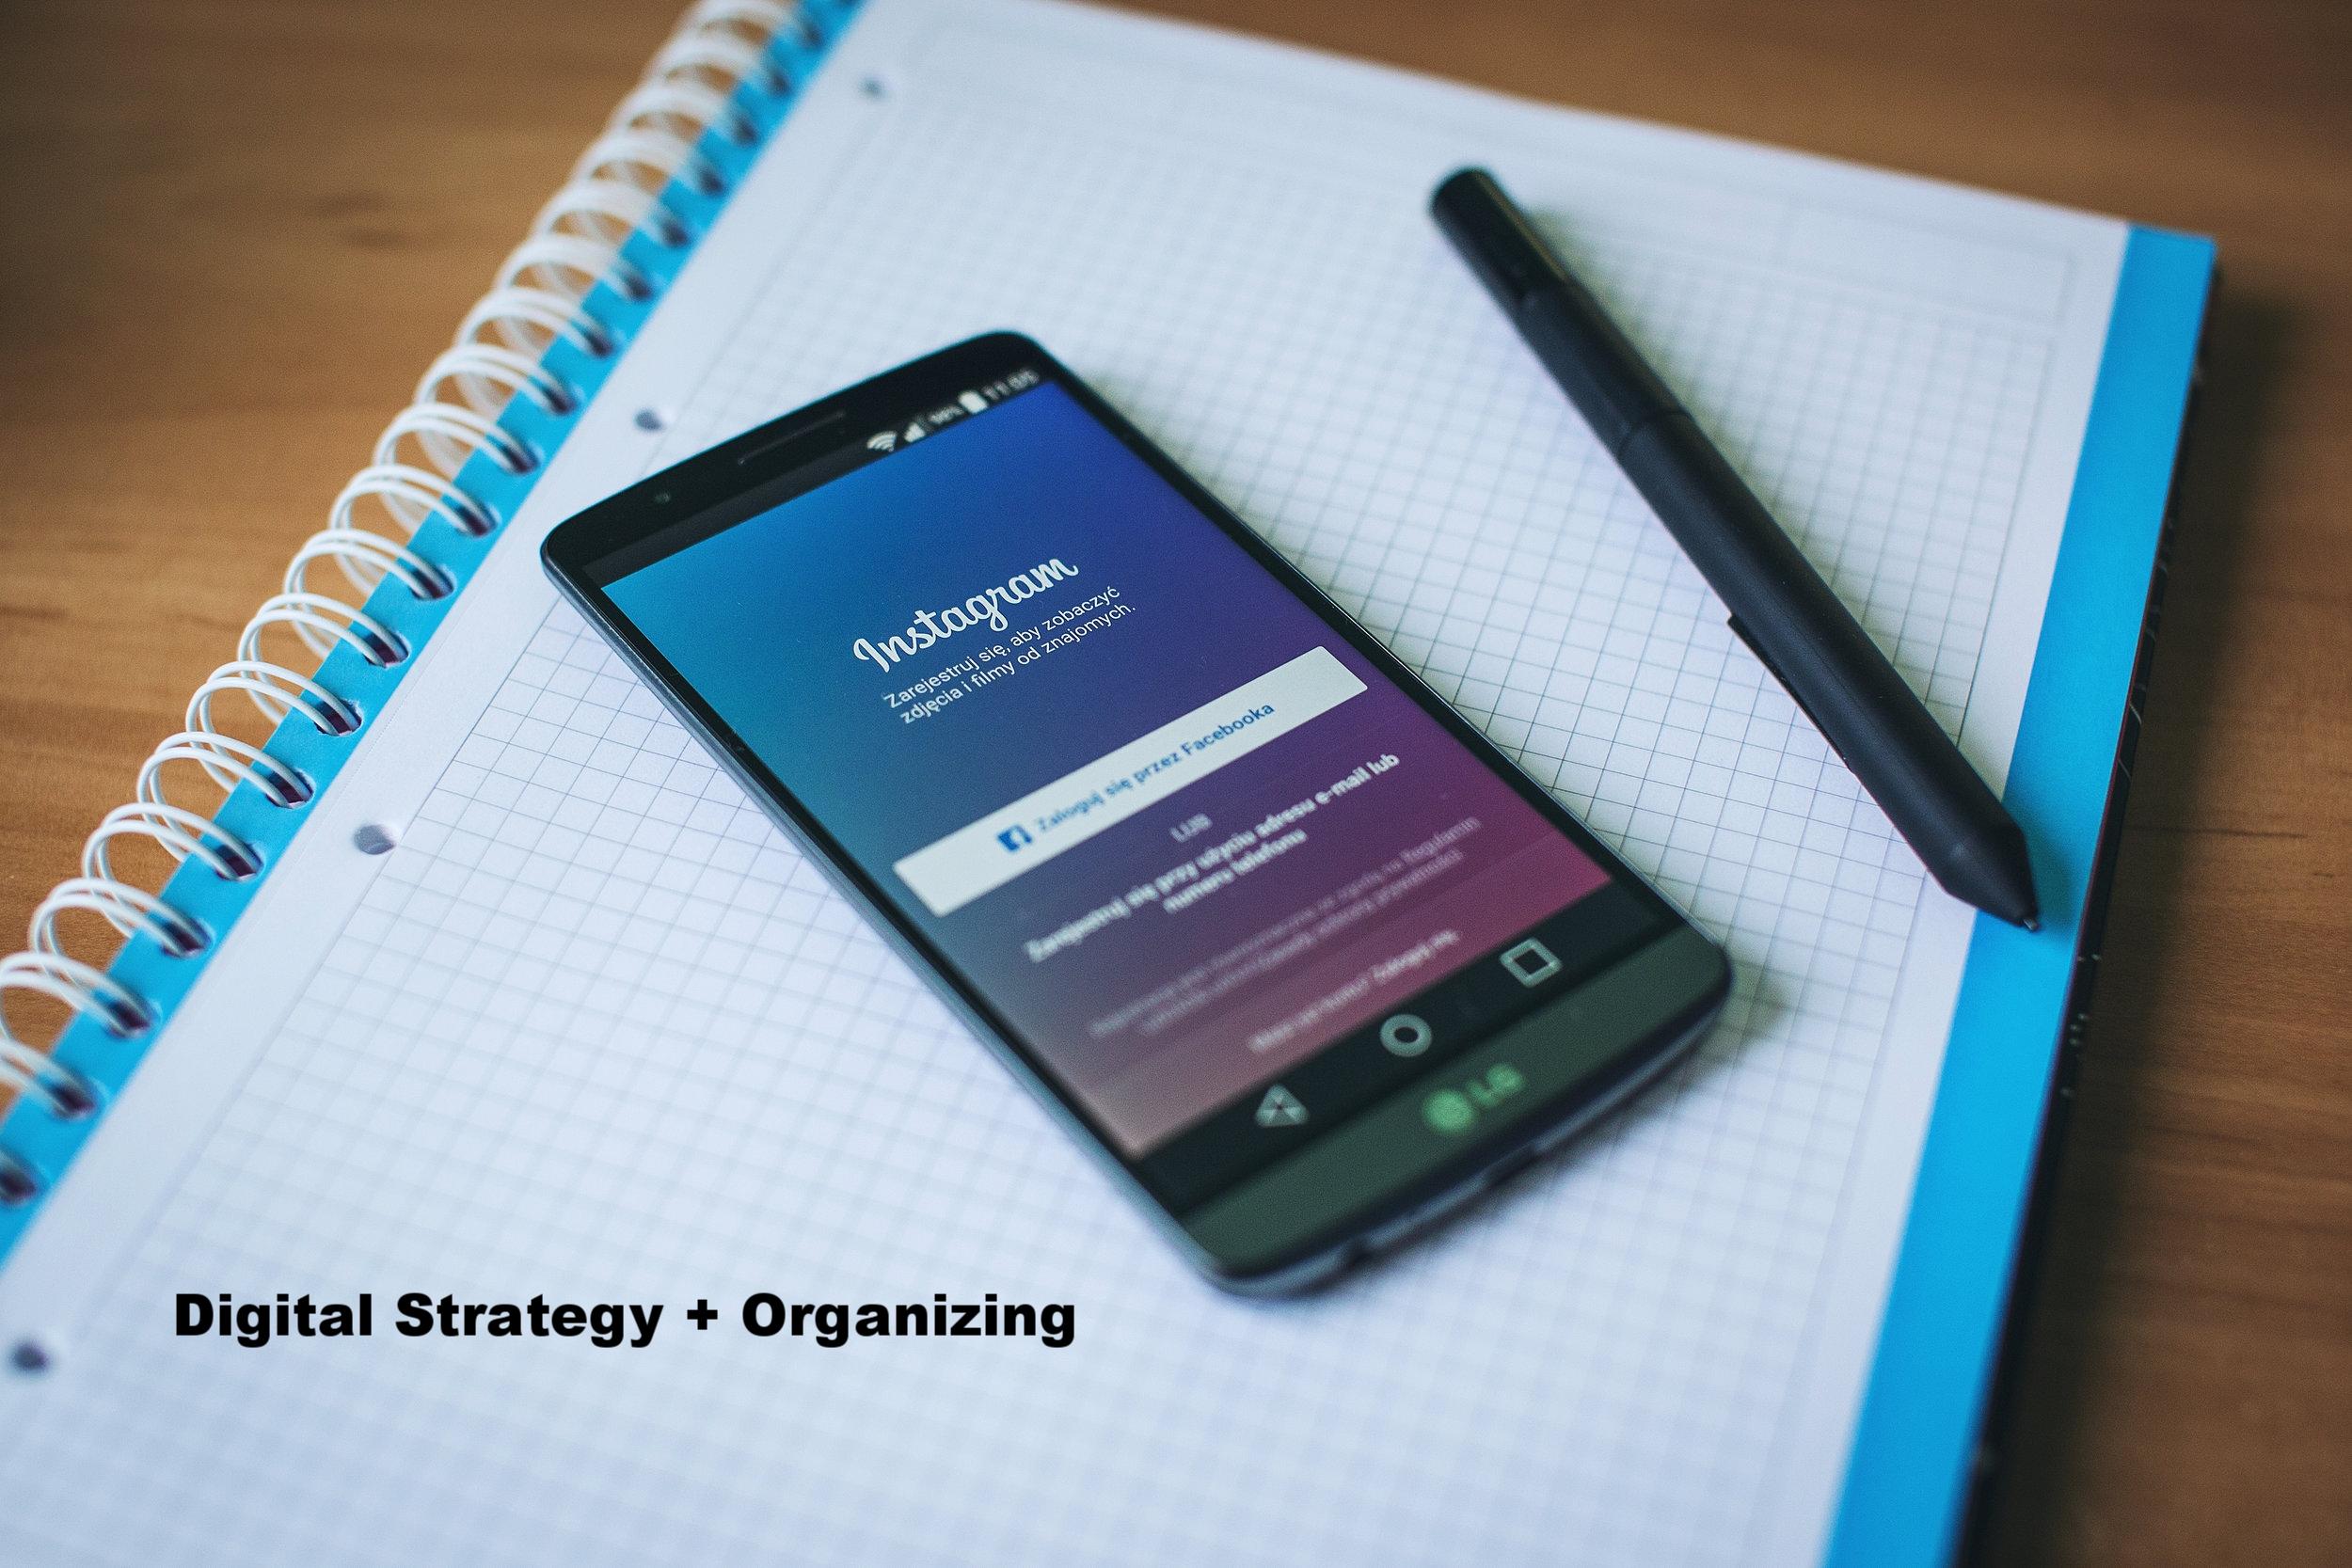 Digital Strategy + Organizing